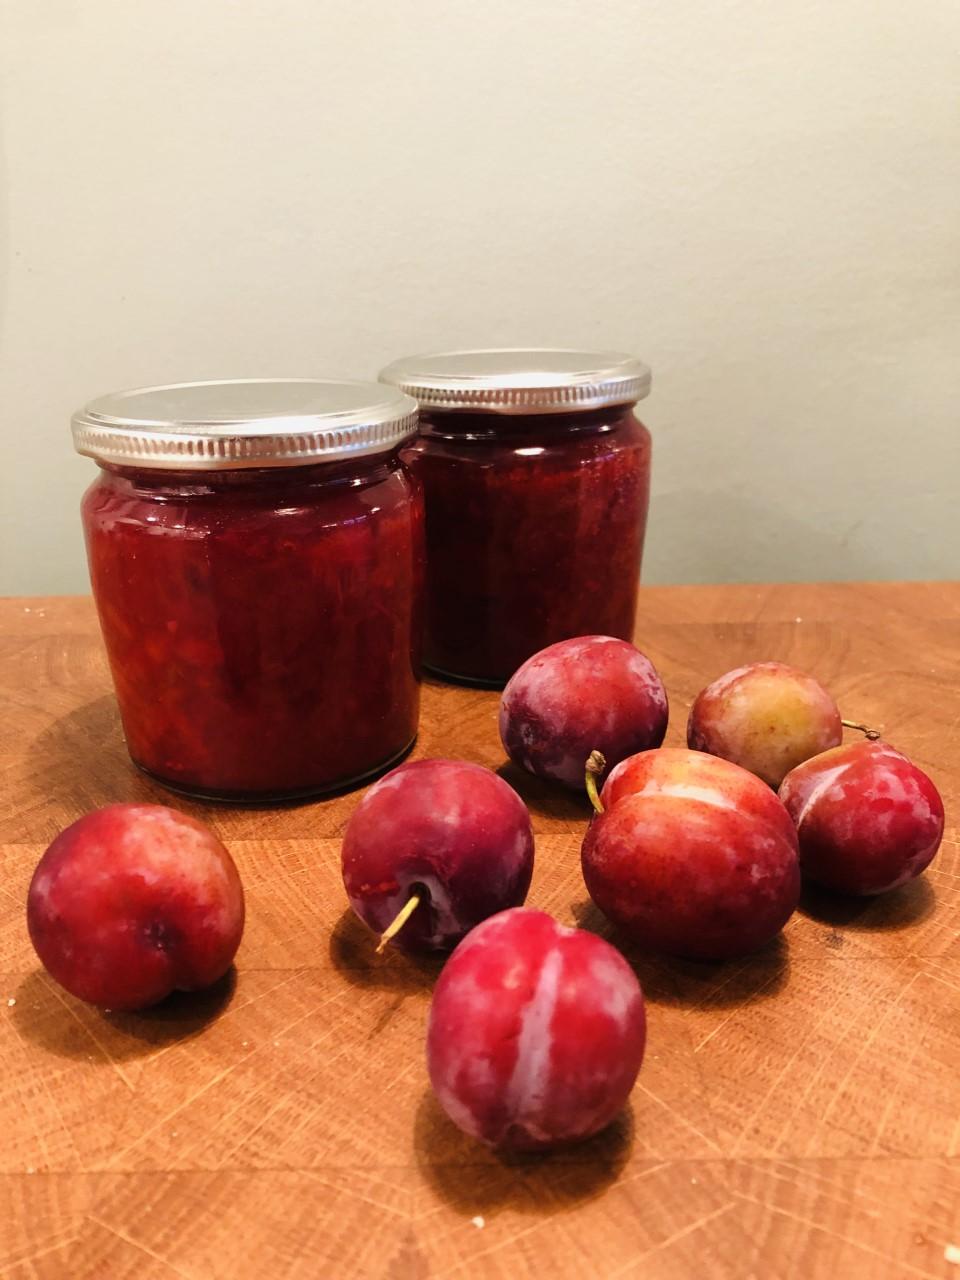 Hoe maak ik pruimen in? Maak deze heerlijke pruimen chutney en geniet heel het jaar door van pruimen. Lekker bij een kaasplankje, bij de borrel of verschillende hartige gerechten.